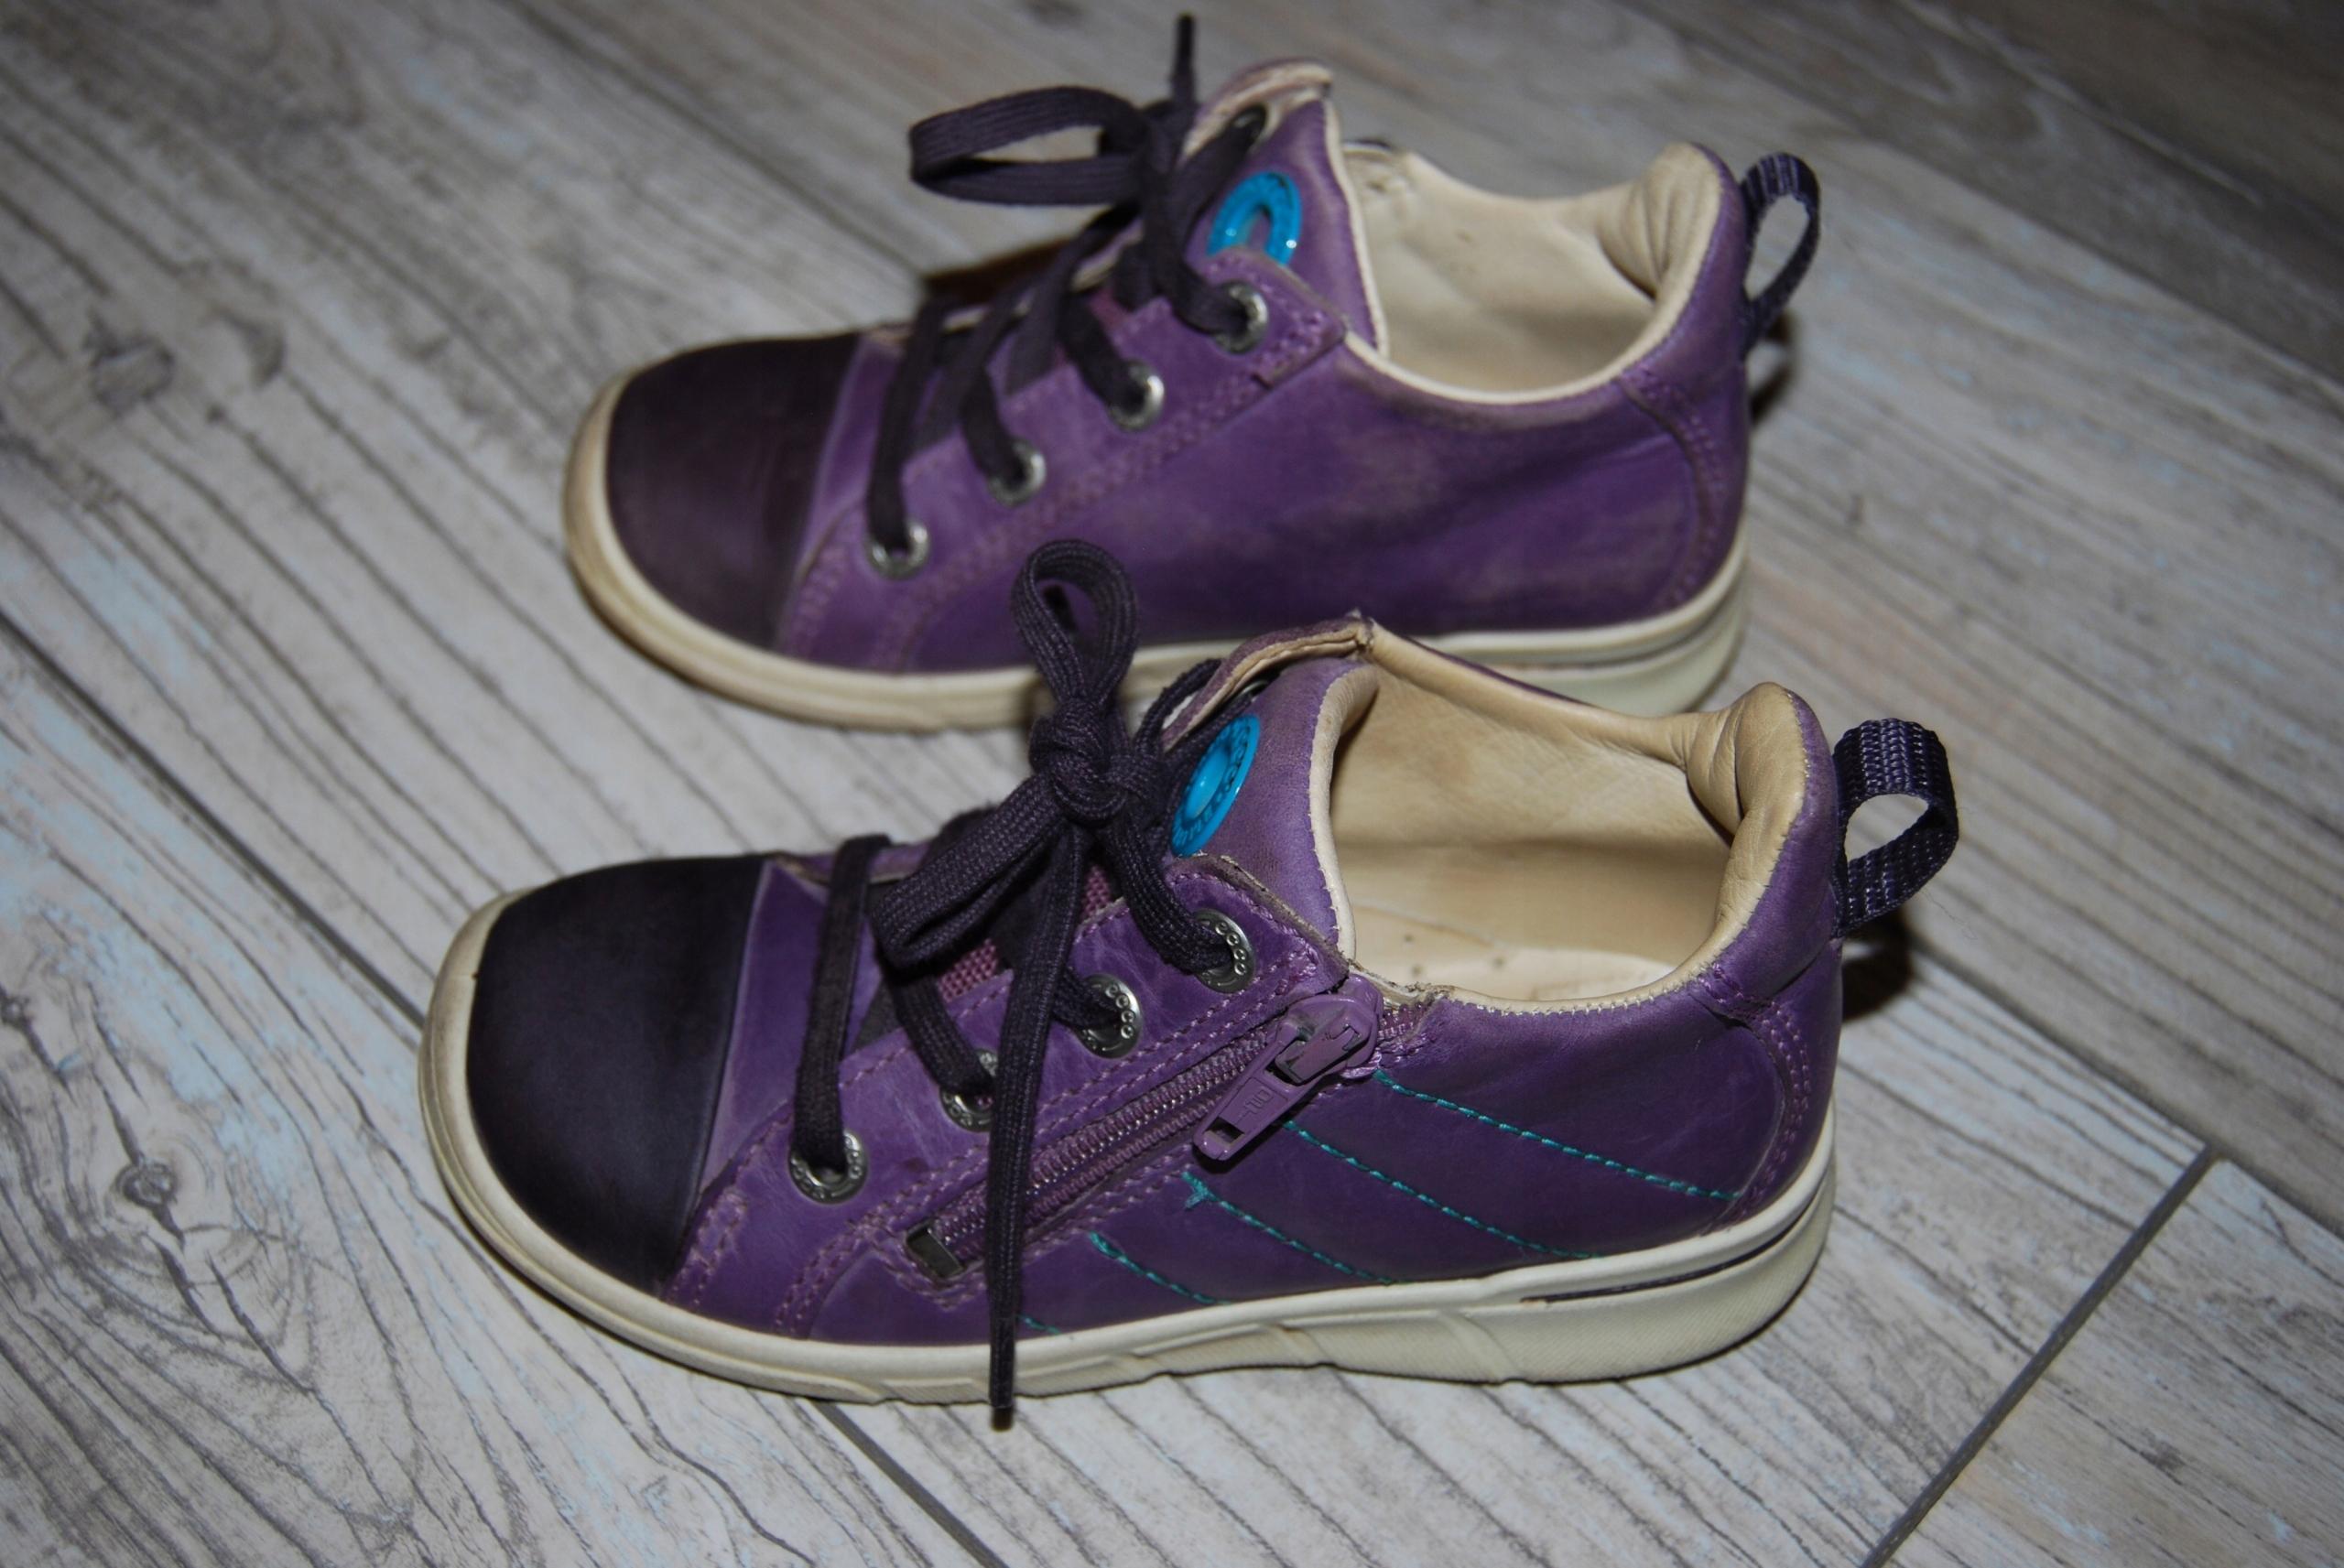 4b1ac6b96b4d11 ECCO buty trzewiki dla dziewczynki 26 16